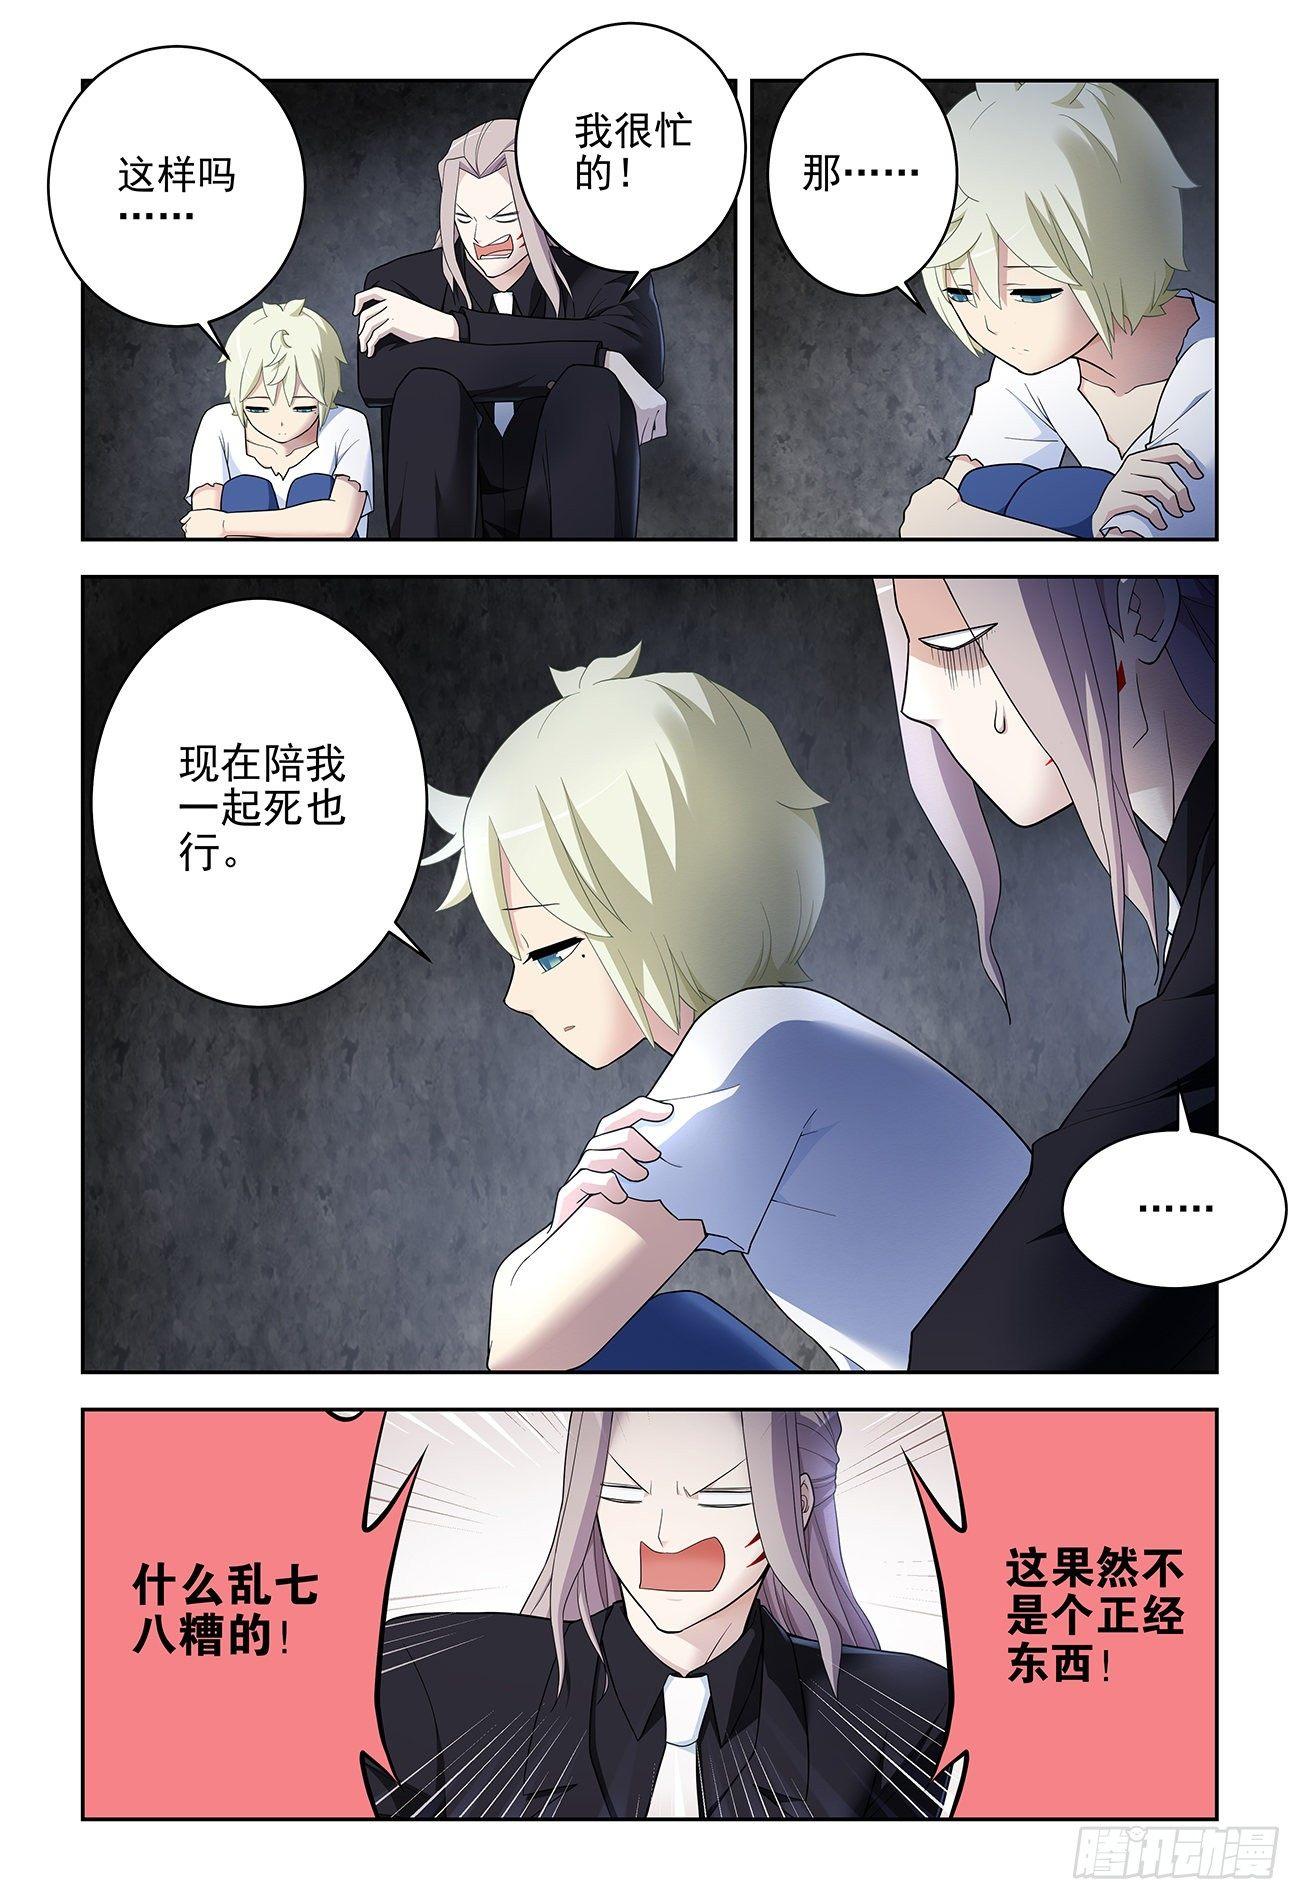 【漫画更新】王牌御史    第524话